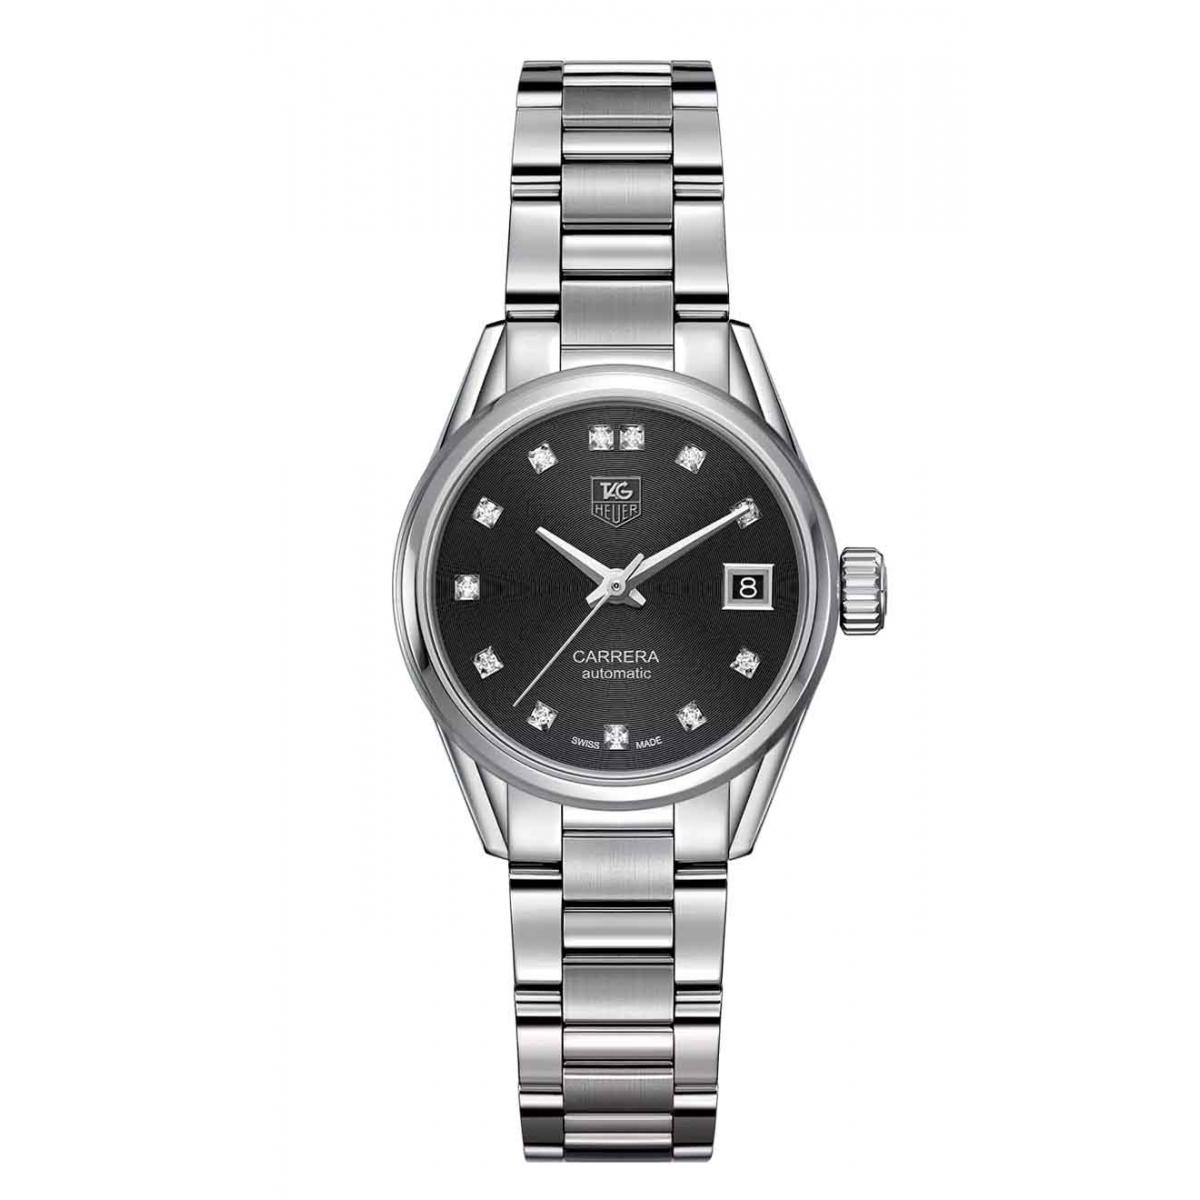 Calibre 9 Reloj automático 100 M - ∅28 mm Diamantes Esfera Negra